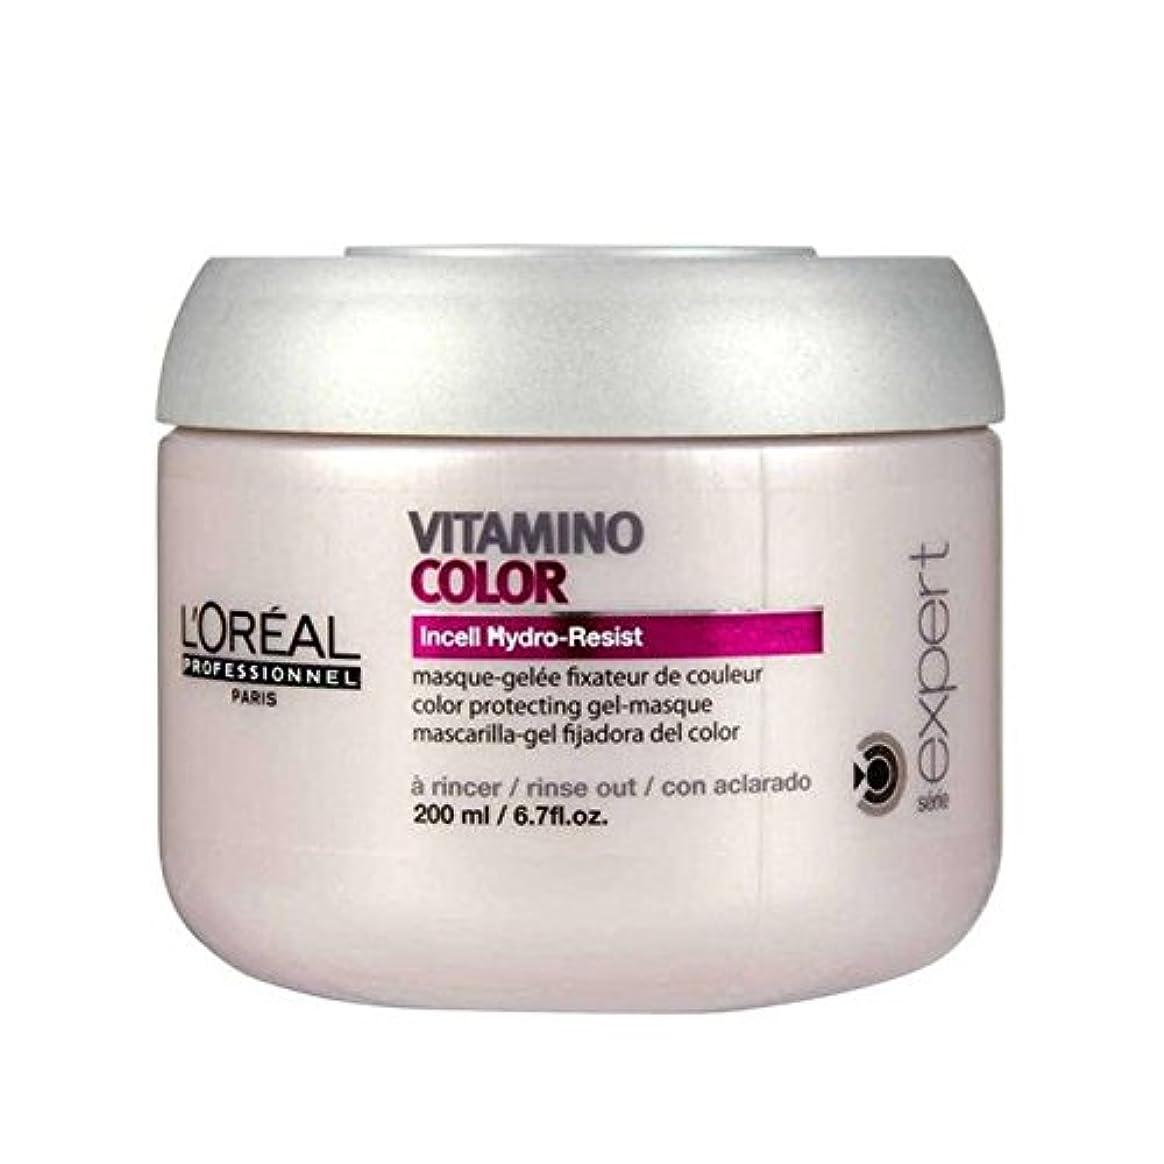 船形葡萄ブランド名L'Oreal Professionnel Serie Expert Vitamino Color Masque (200ml) - ロレアルのプロフェッショナルは、専門家カラー仮面劇(200ミリリットル)をセリエ [並行輸入品]